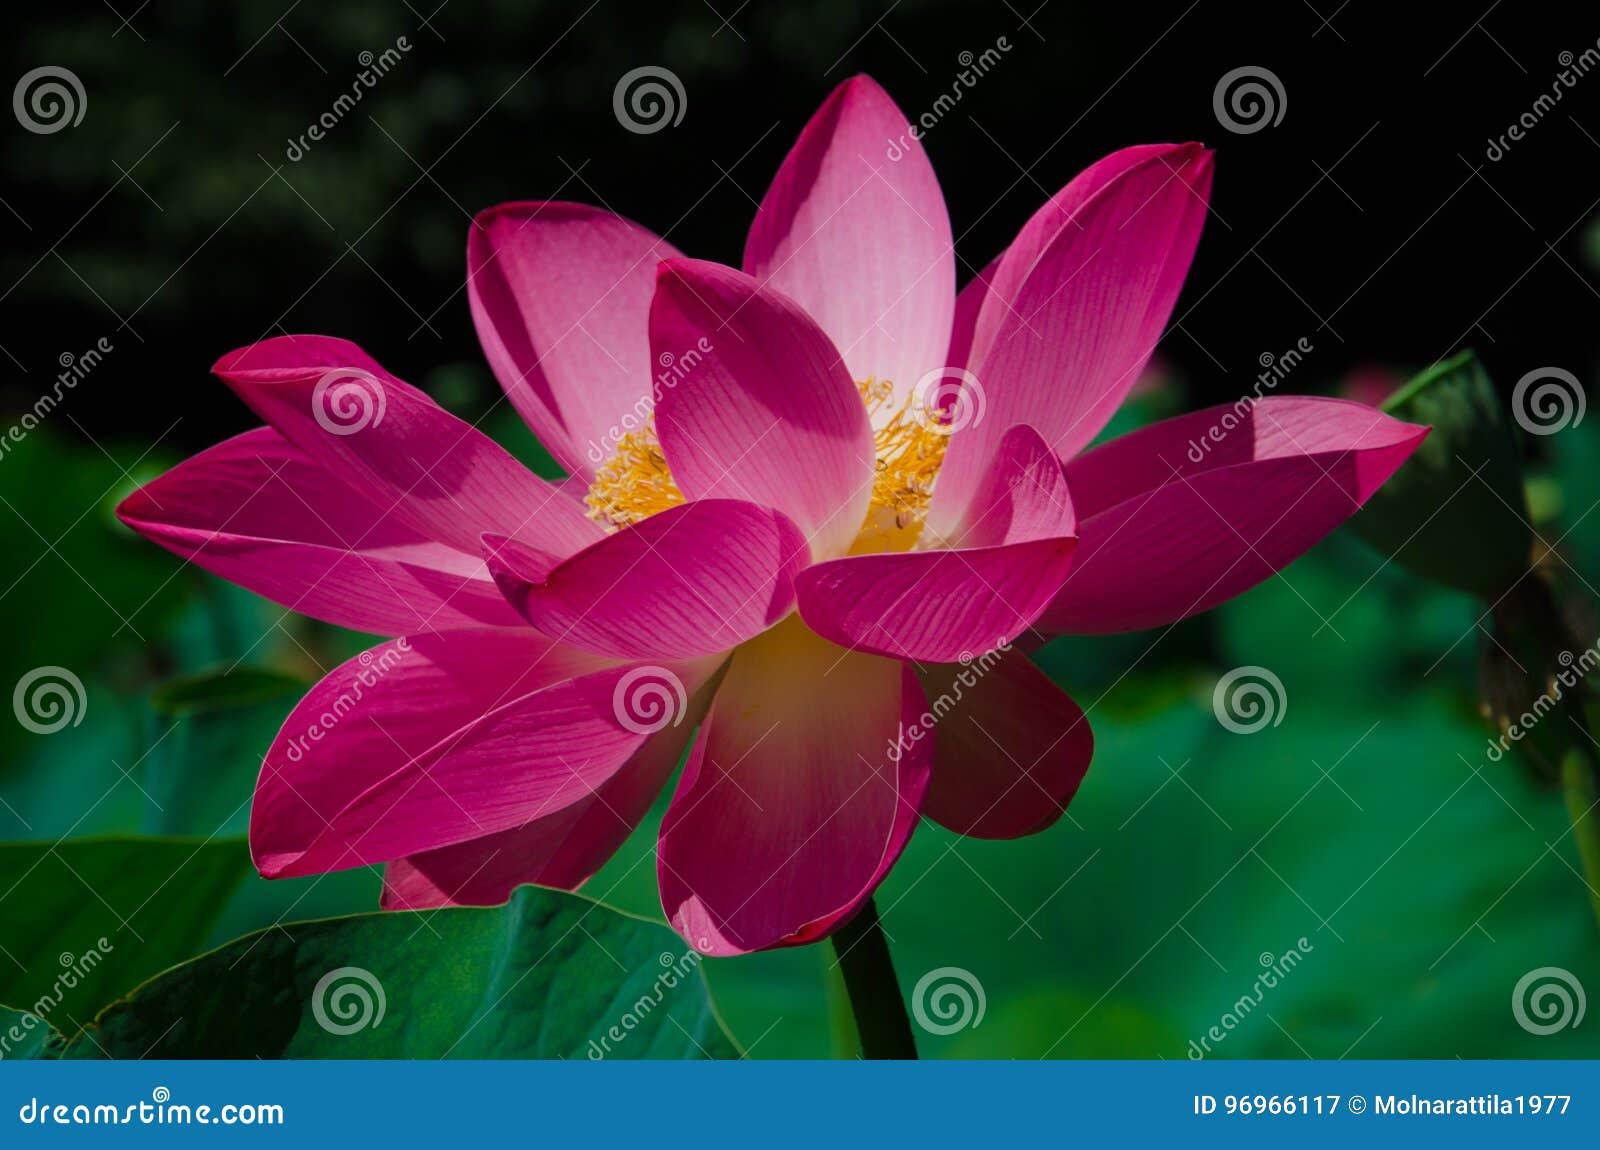 Flor de loto 3